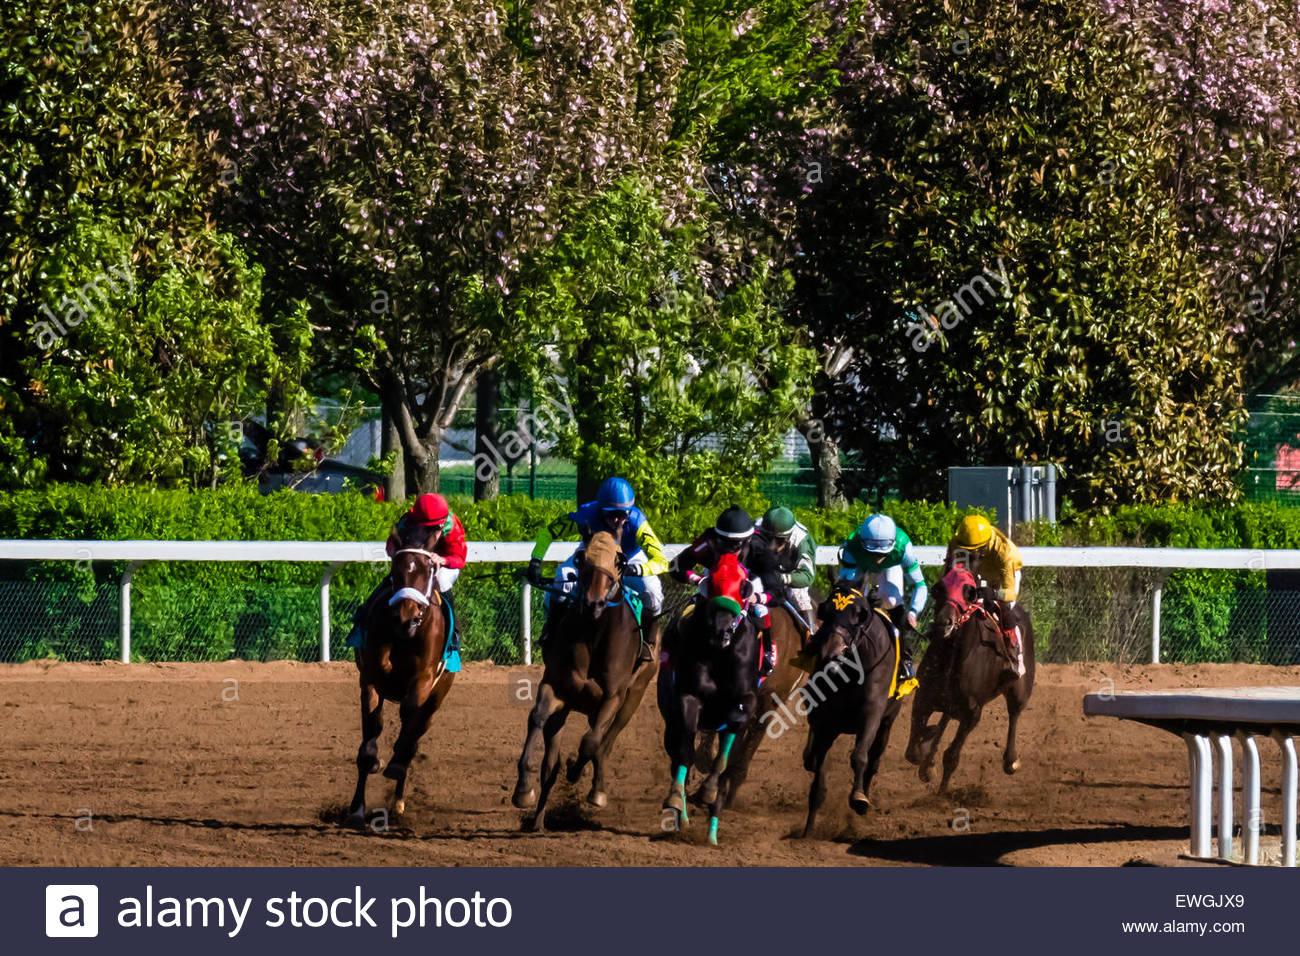 Corse di cavalli sul lato sporco della pista a Keeneland Racecourse, Lexington, Kentucky negli Stati Uniti. Immagini Stock